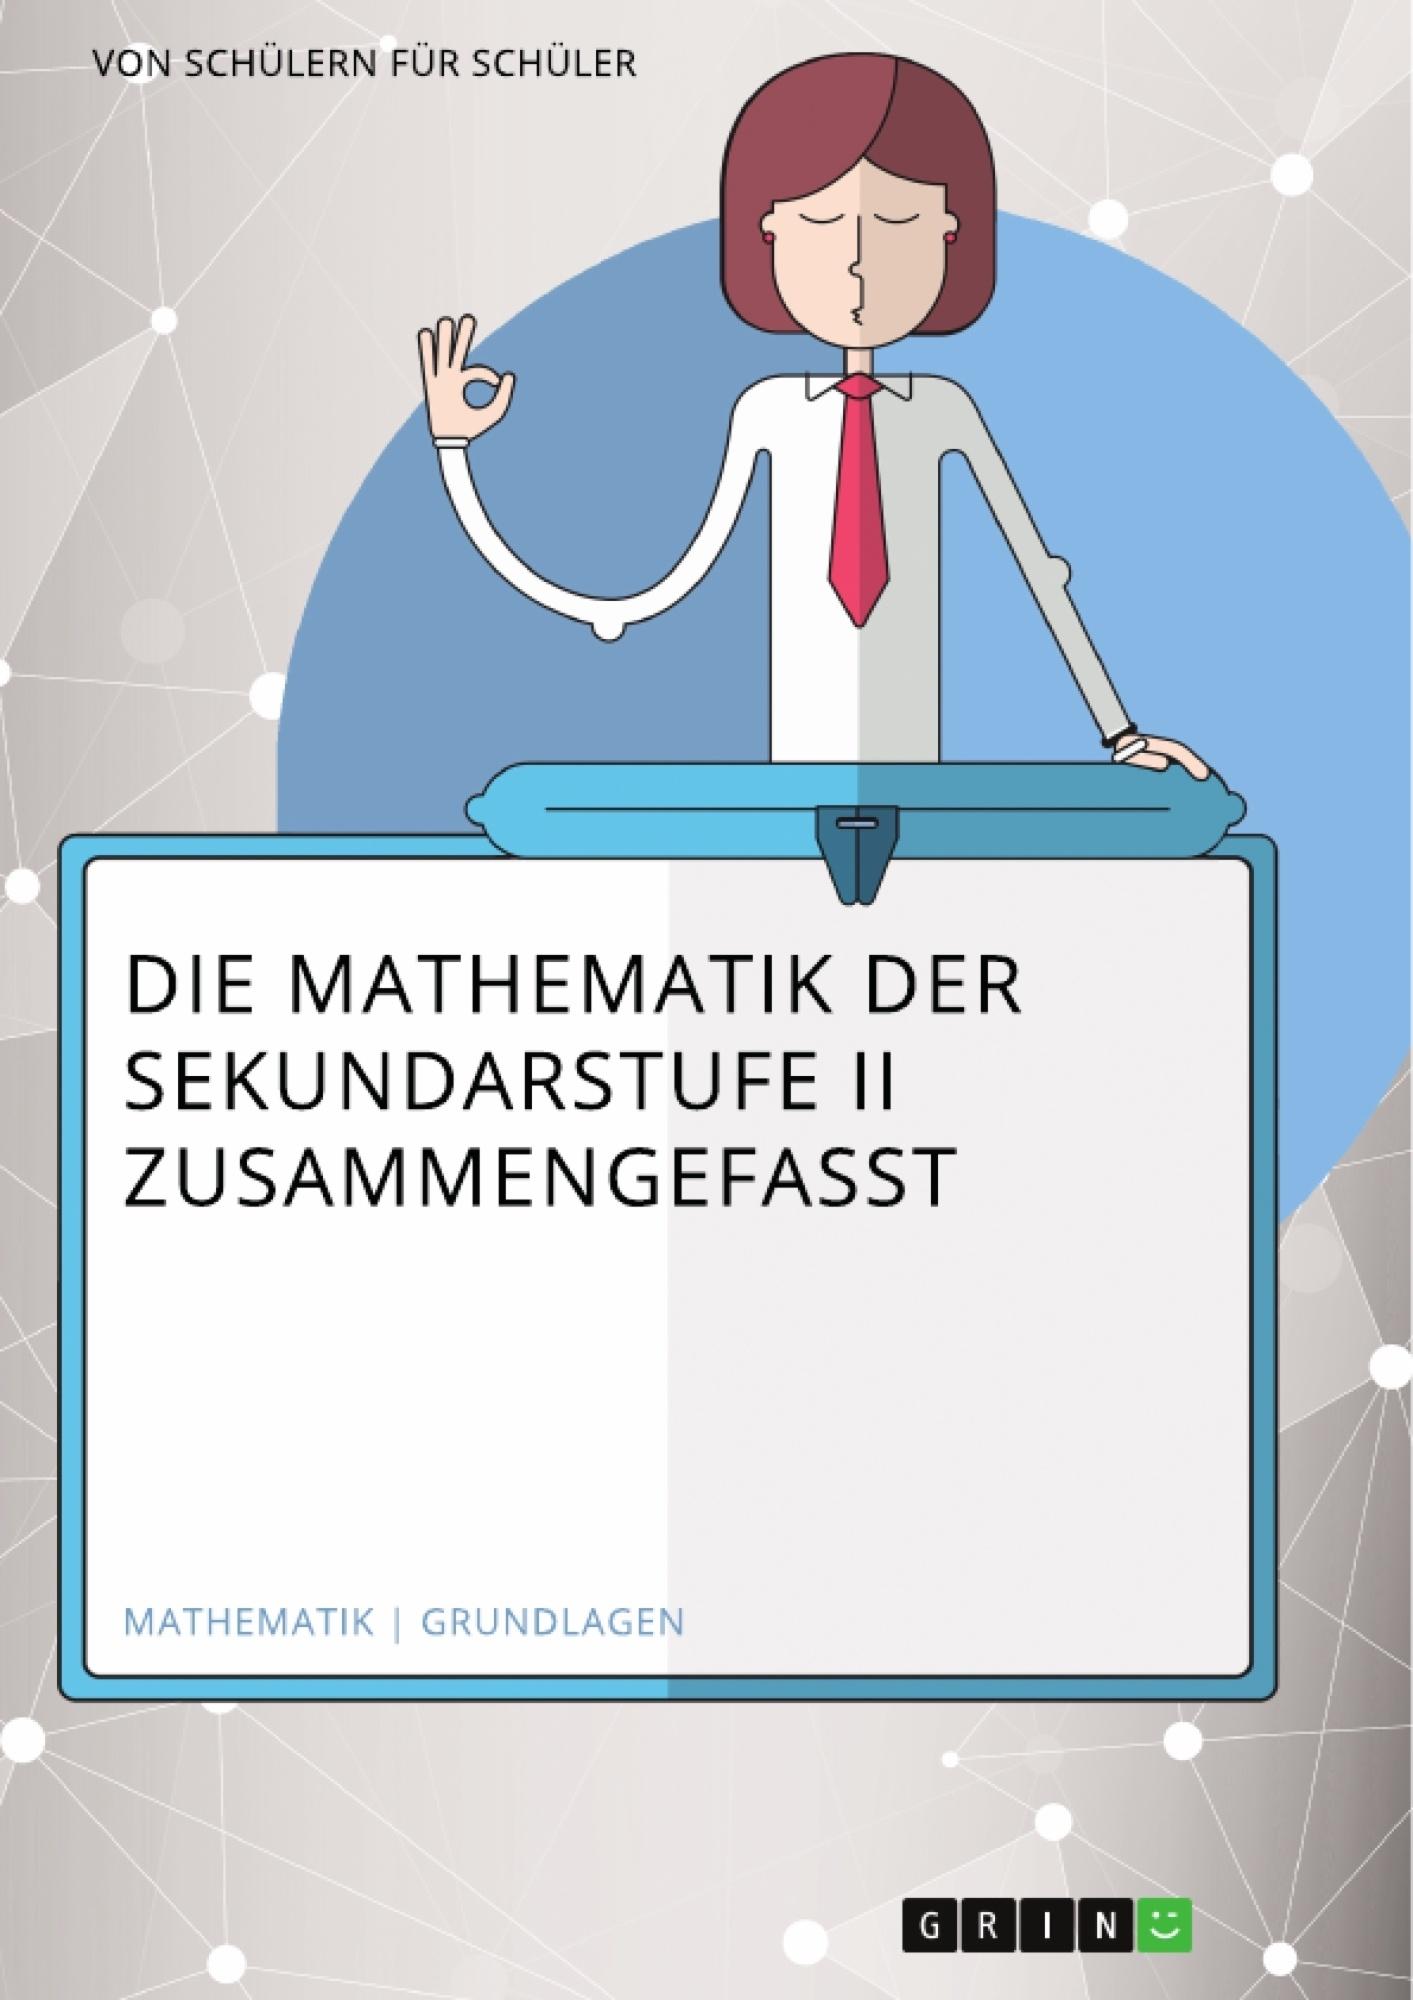 Titel: Die Mathematik der Sekundarstufe II zusammengefasst